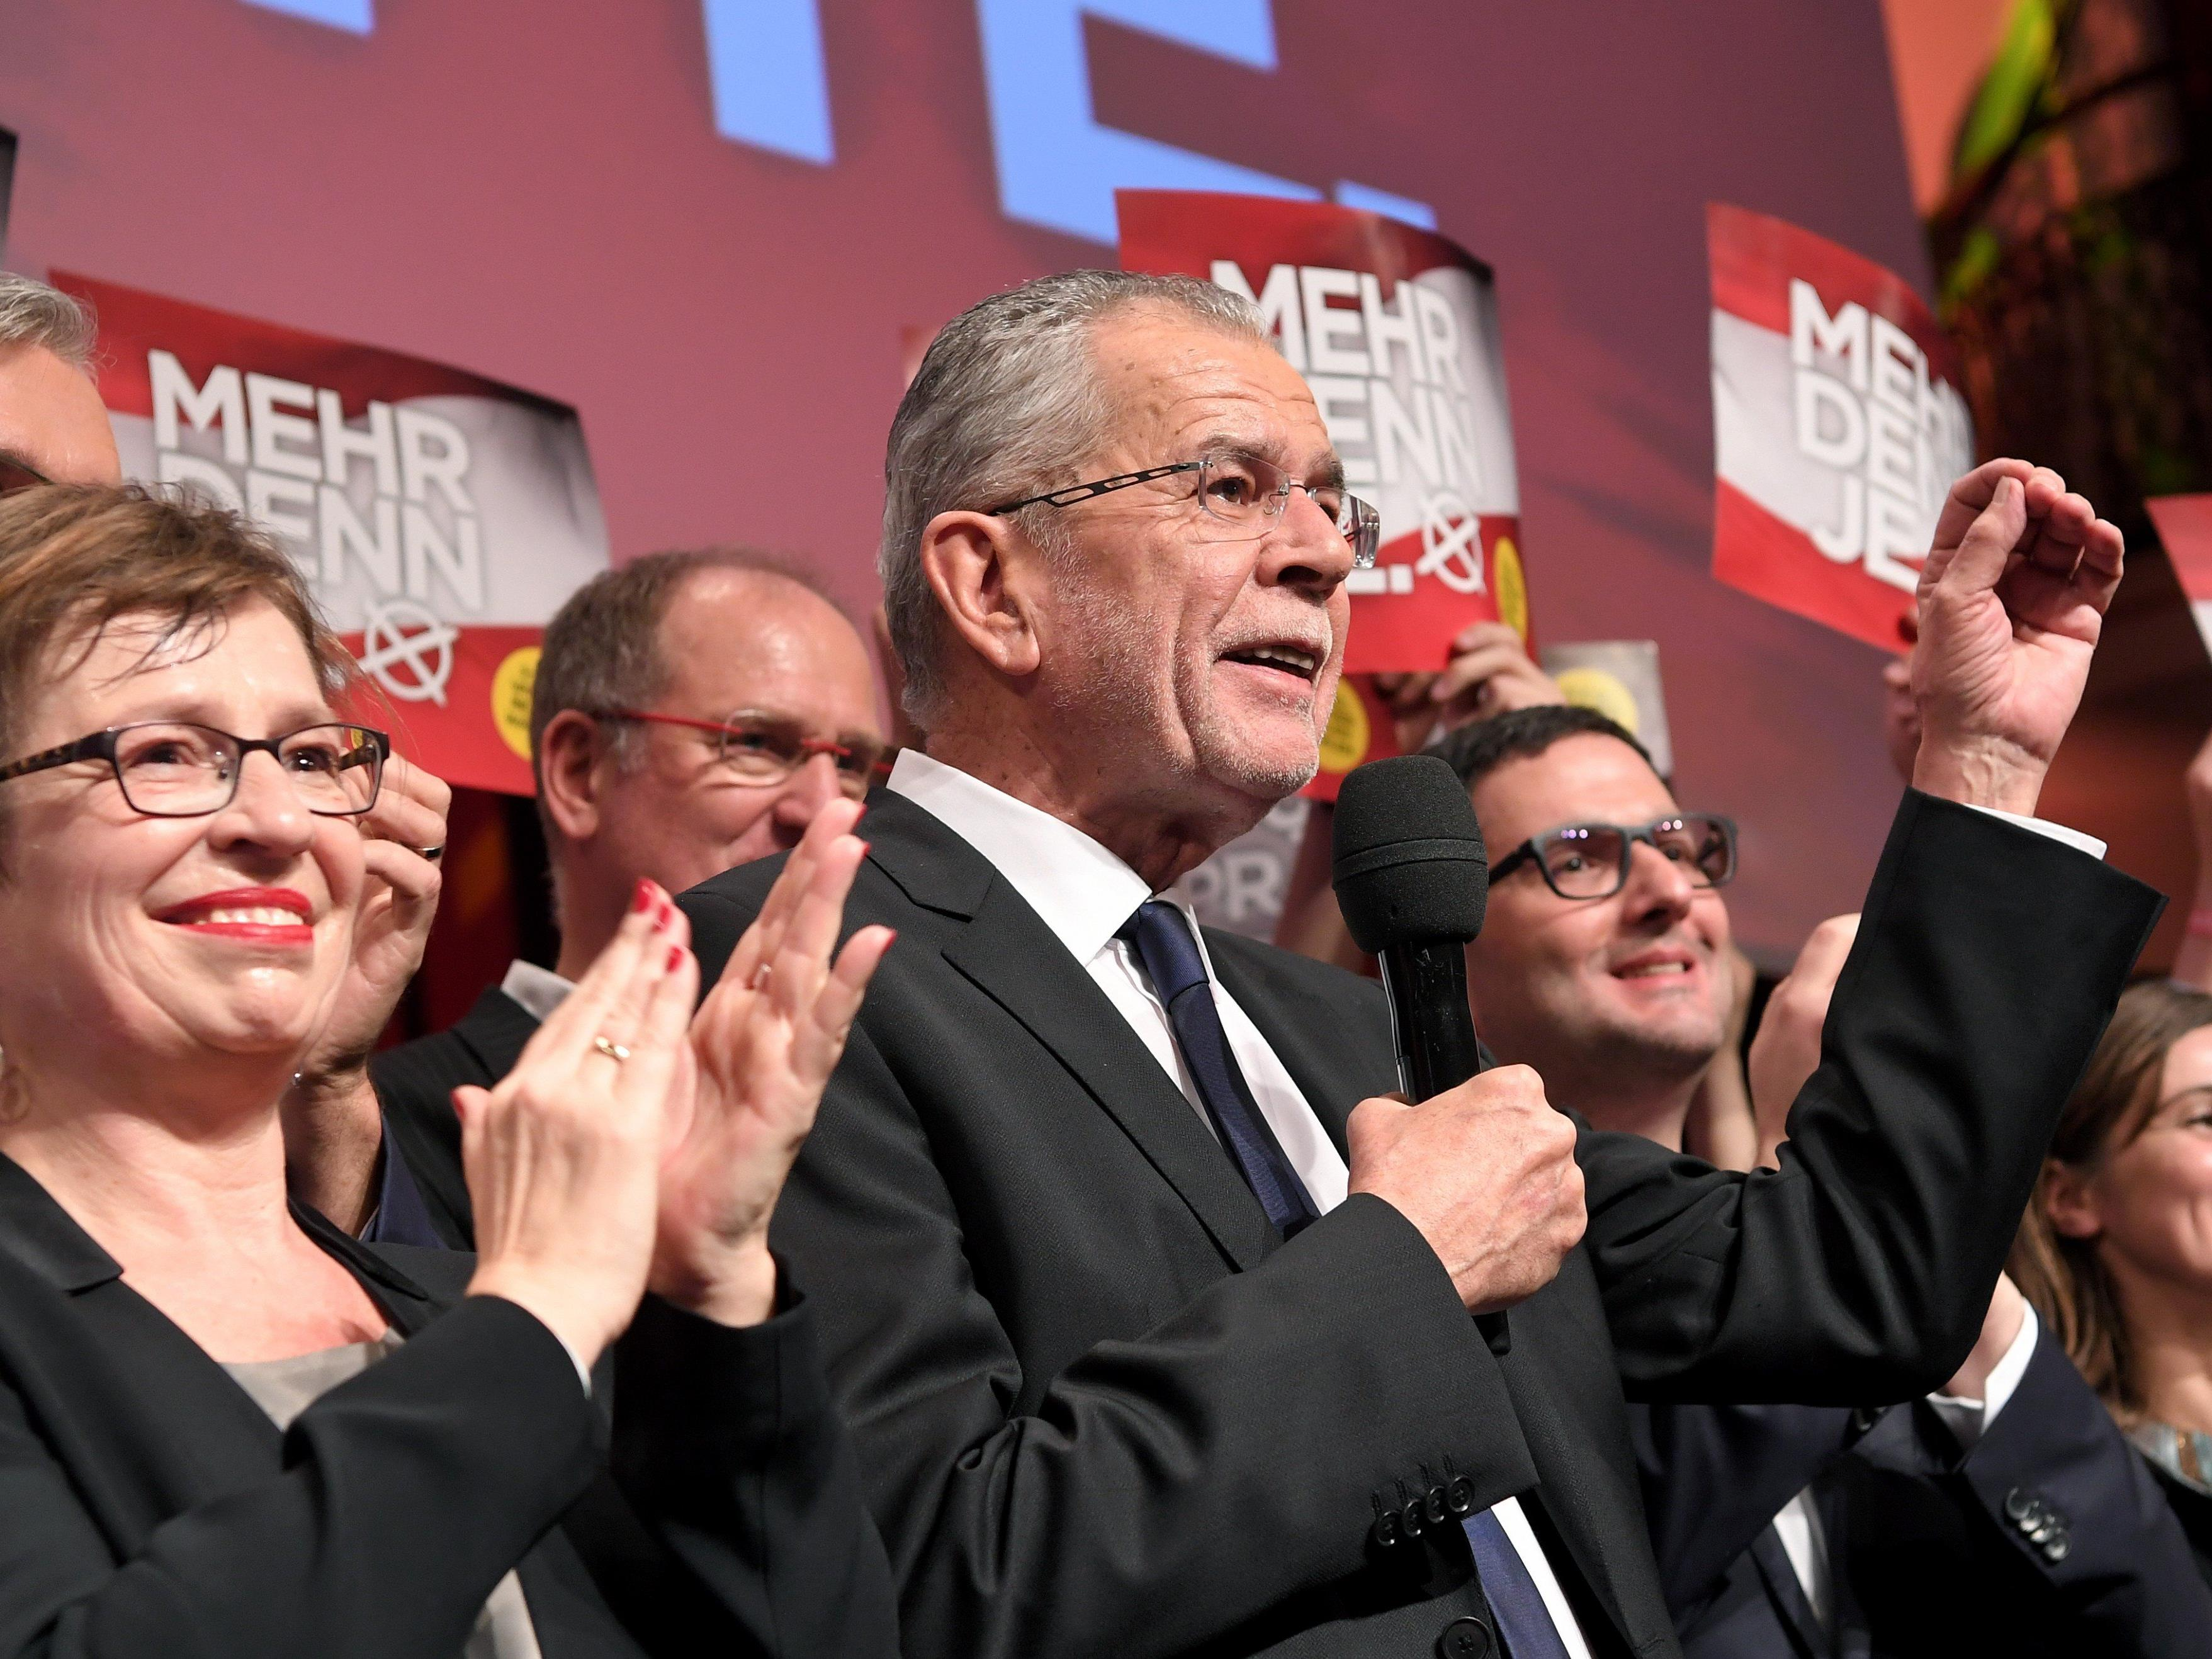 Alexander Van der Bellen legte nach Auszählung der Briefwahlstimmen in Wien und OÖ zu.